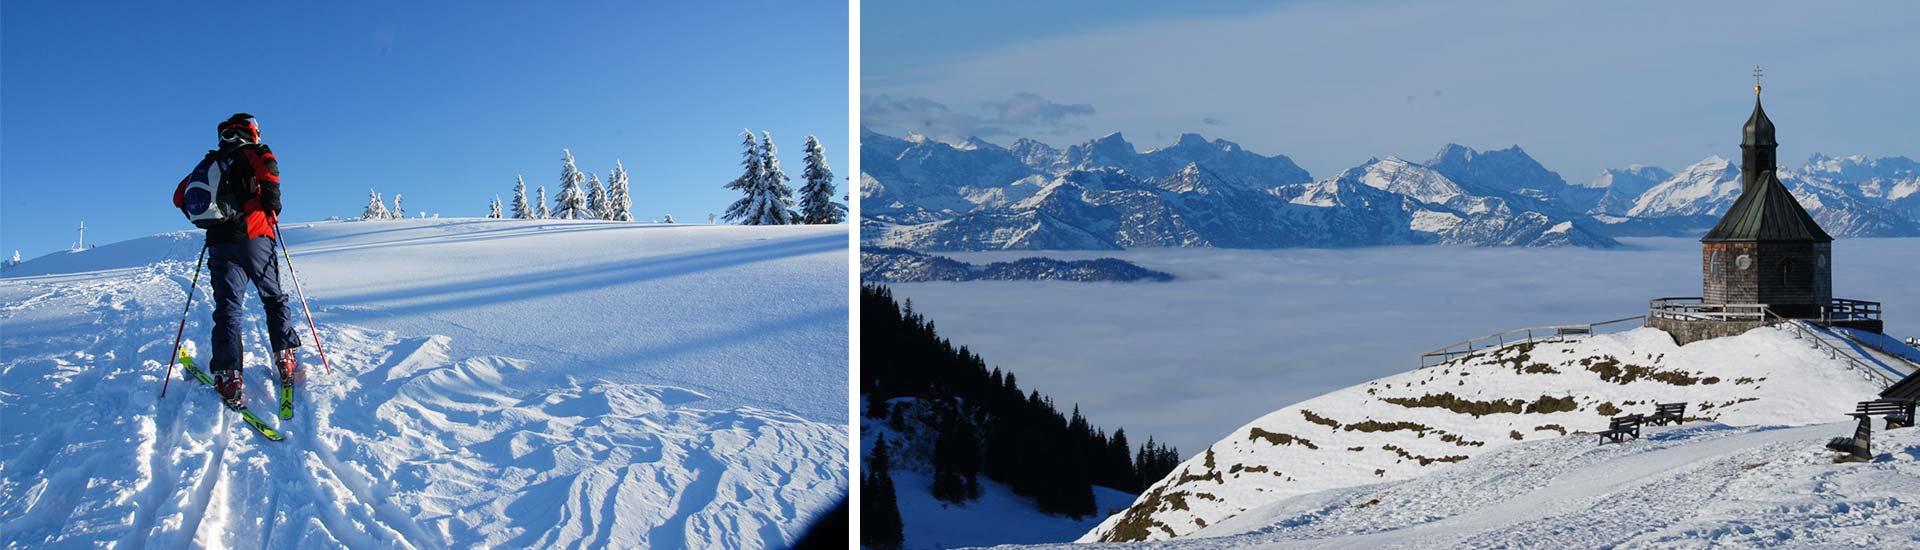 winter-freizeit